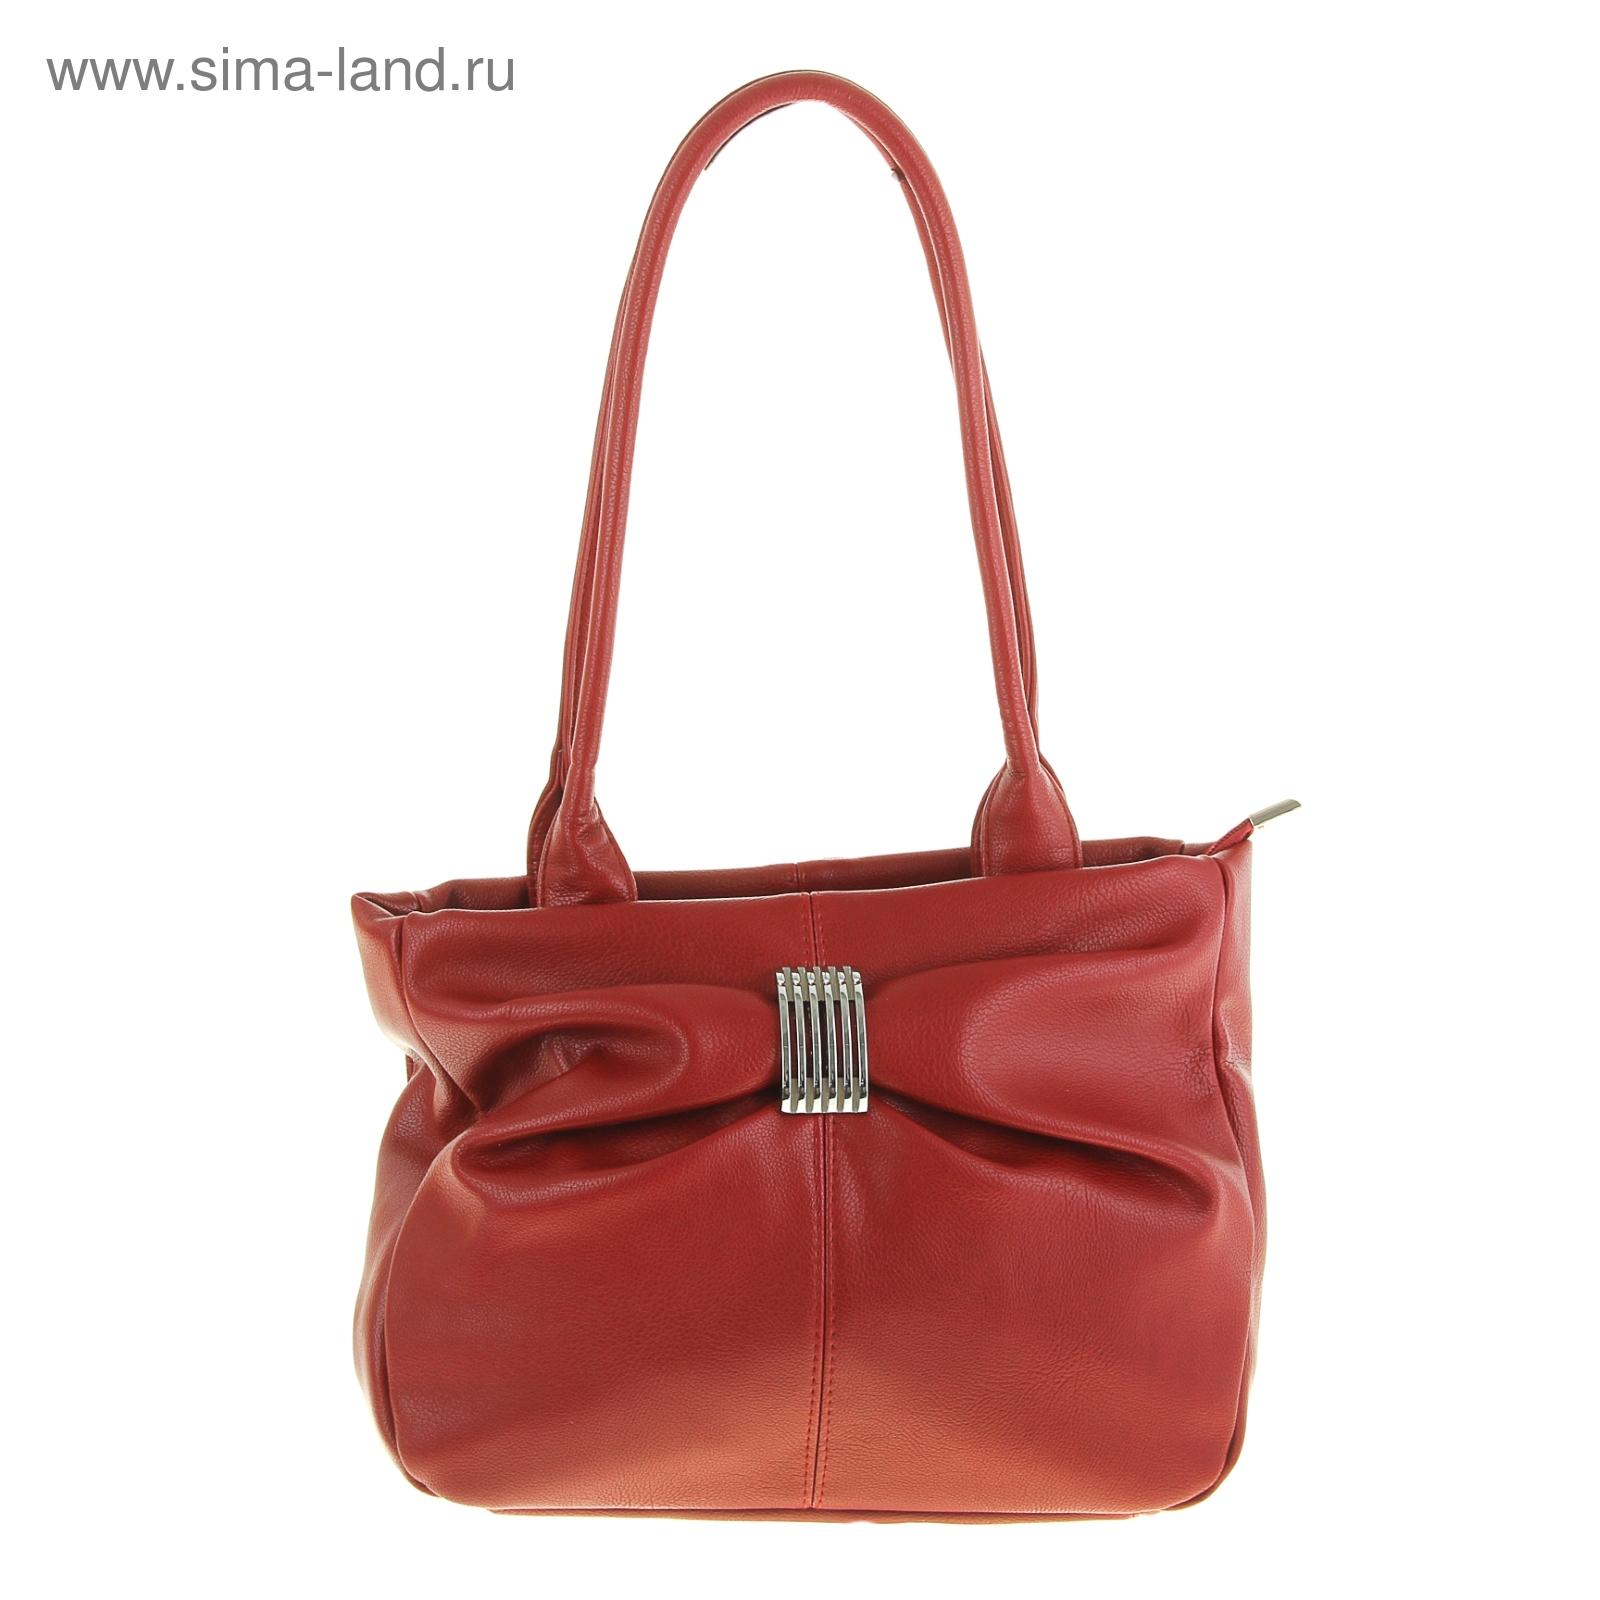 a5c651dda13e Сумка женская, Afina, бордо (988641) - Купить по цене от 1070.00 руб ...